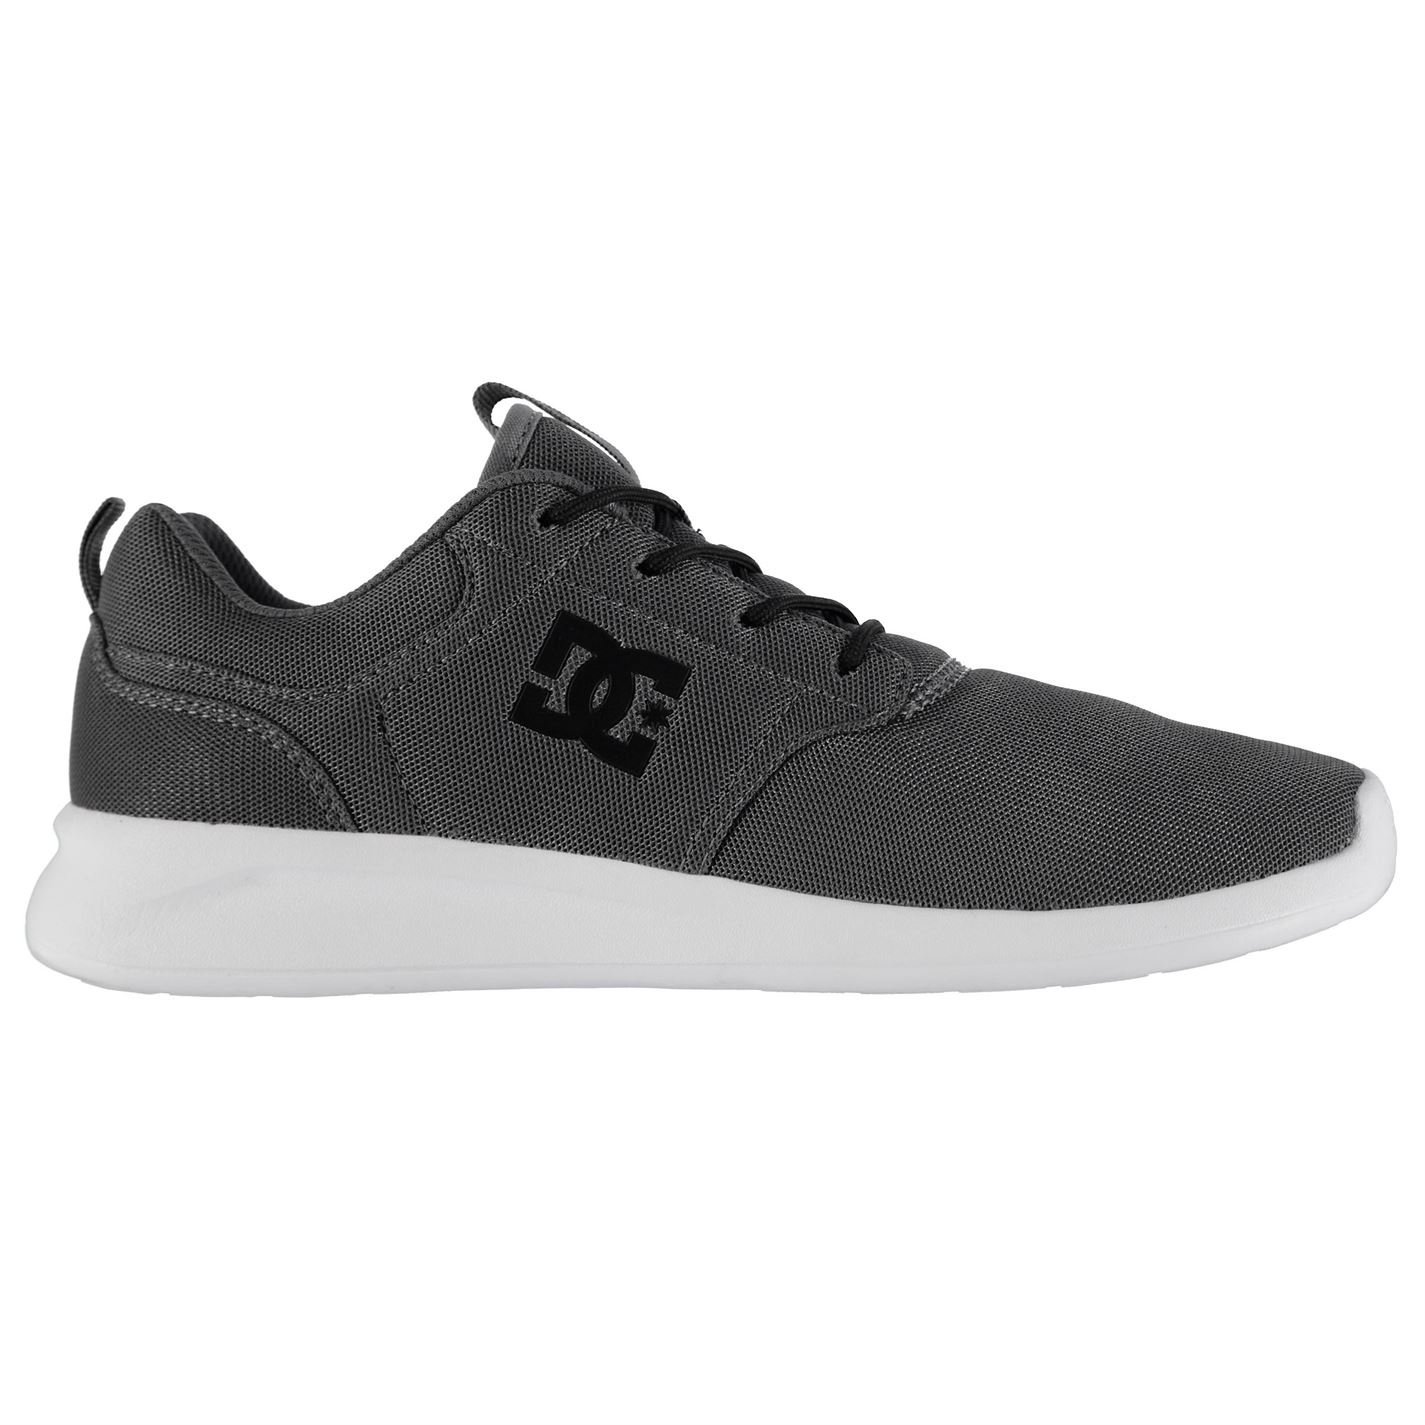 DC Herren Midway Skate Schuhe Turnschuhe Turnschuhe Leicht Skateboardschuhe Grau 8 (42)